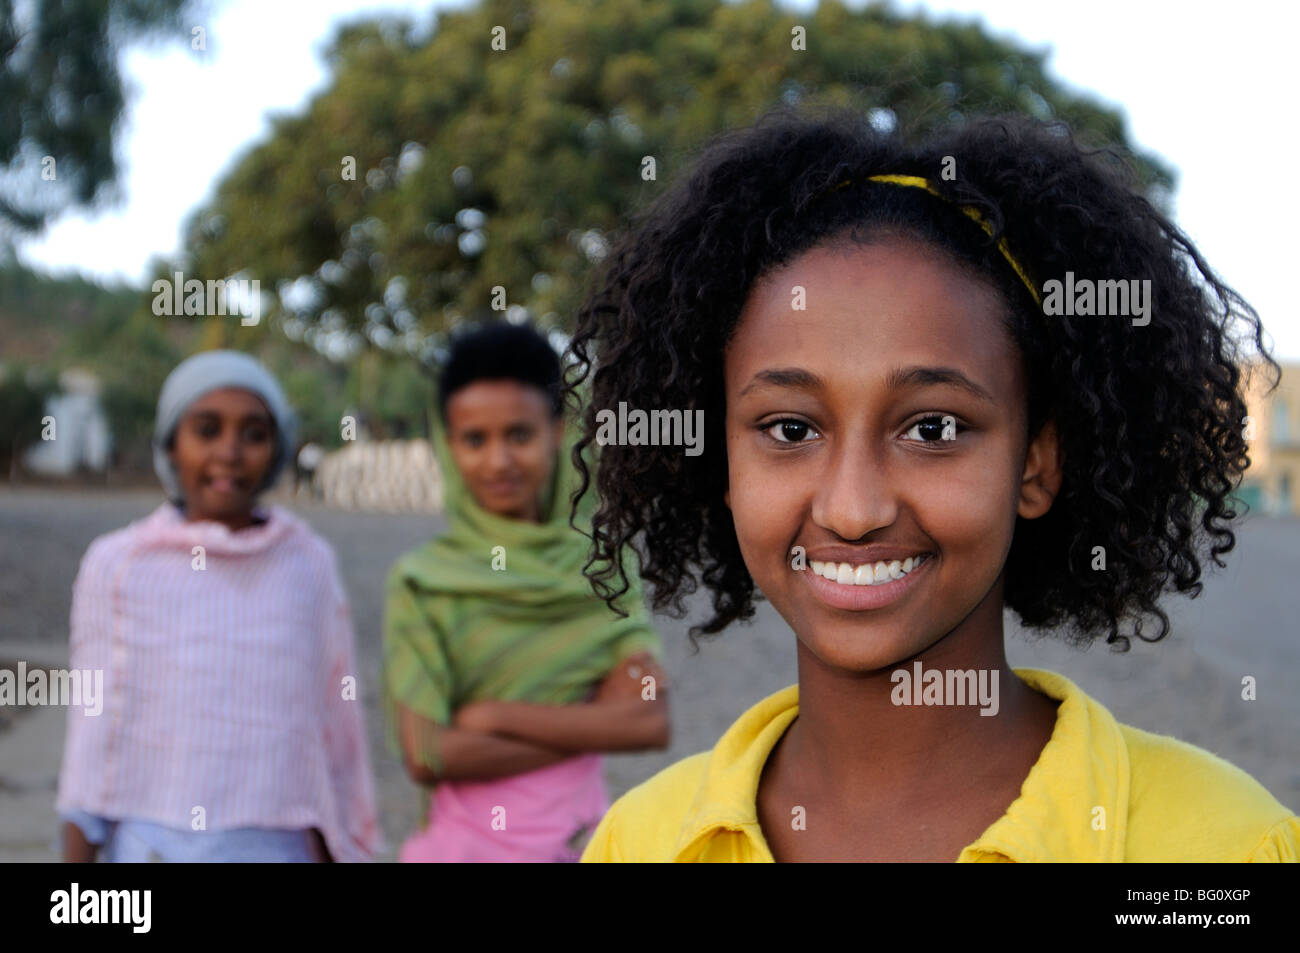 girl, axum, ethiopia - Stock Image